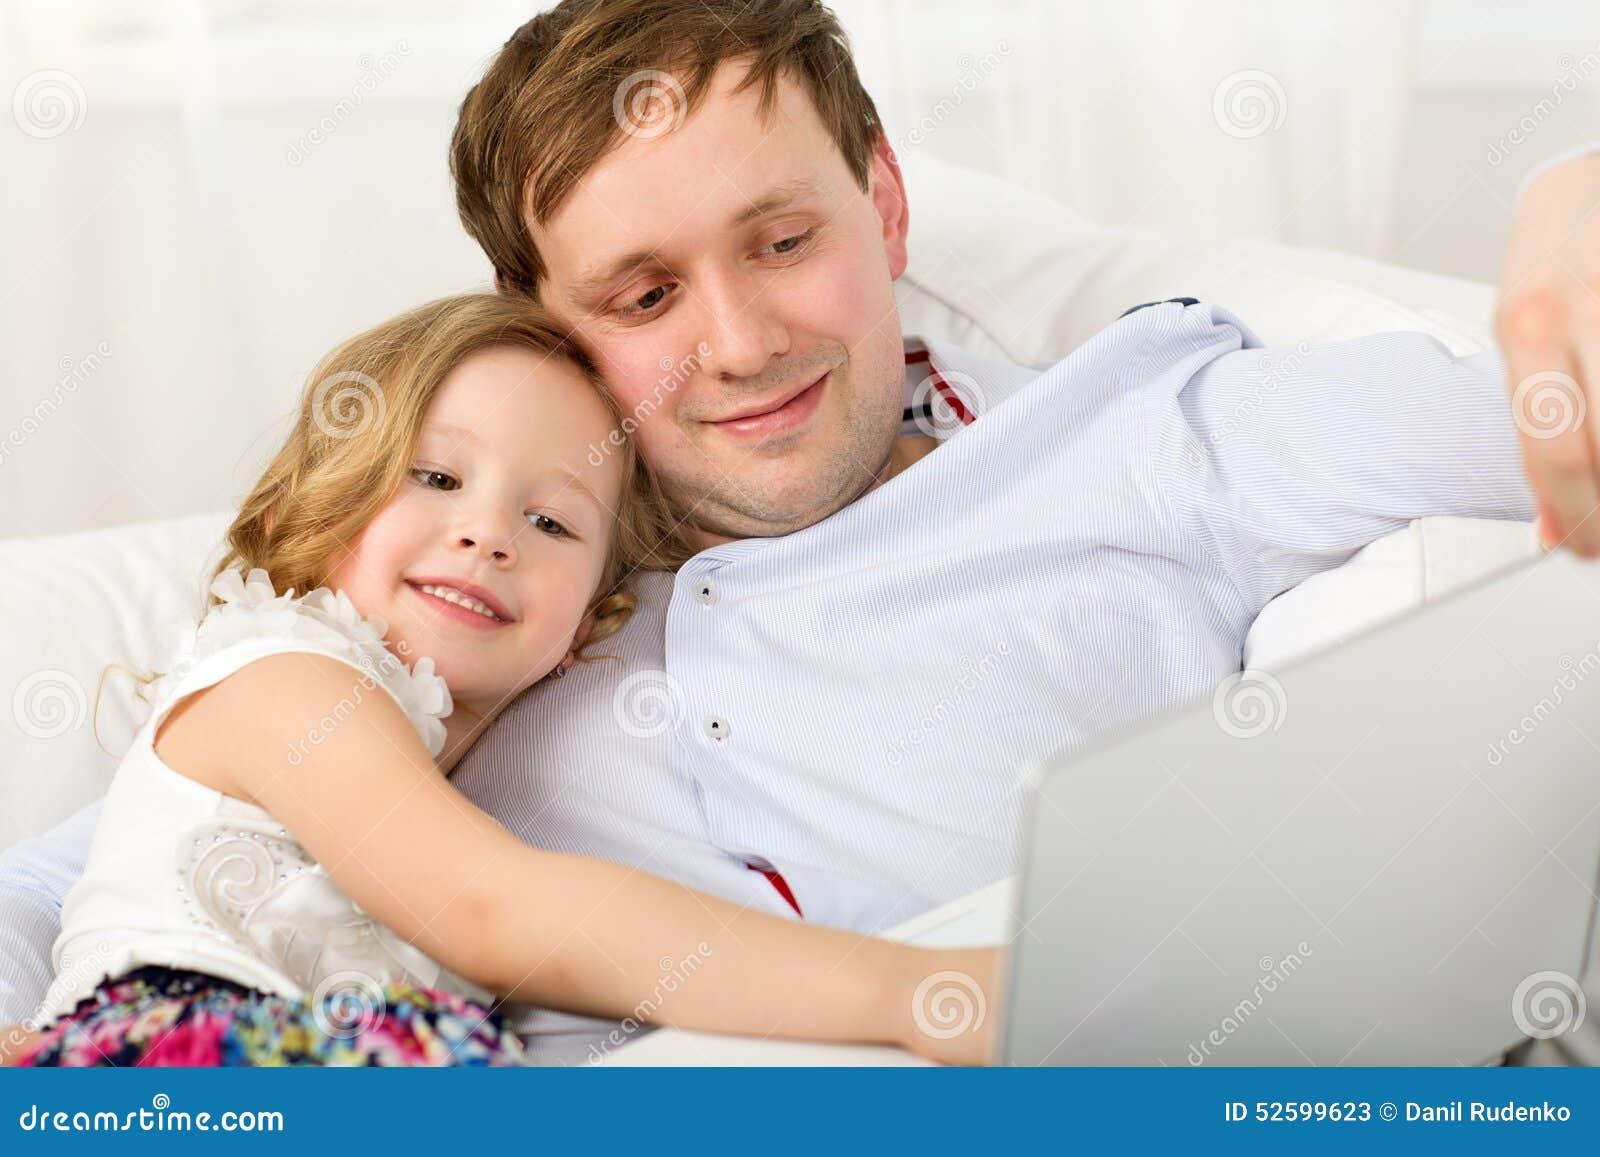 Толстая дочь и отец онлайн, Толстая дочка -видео. Смотреть толстая дочка 24 фотография